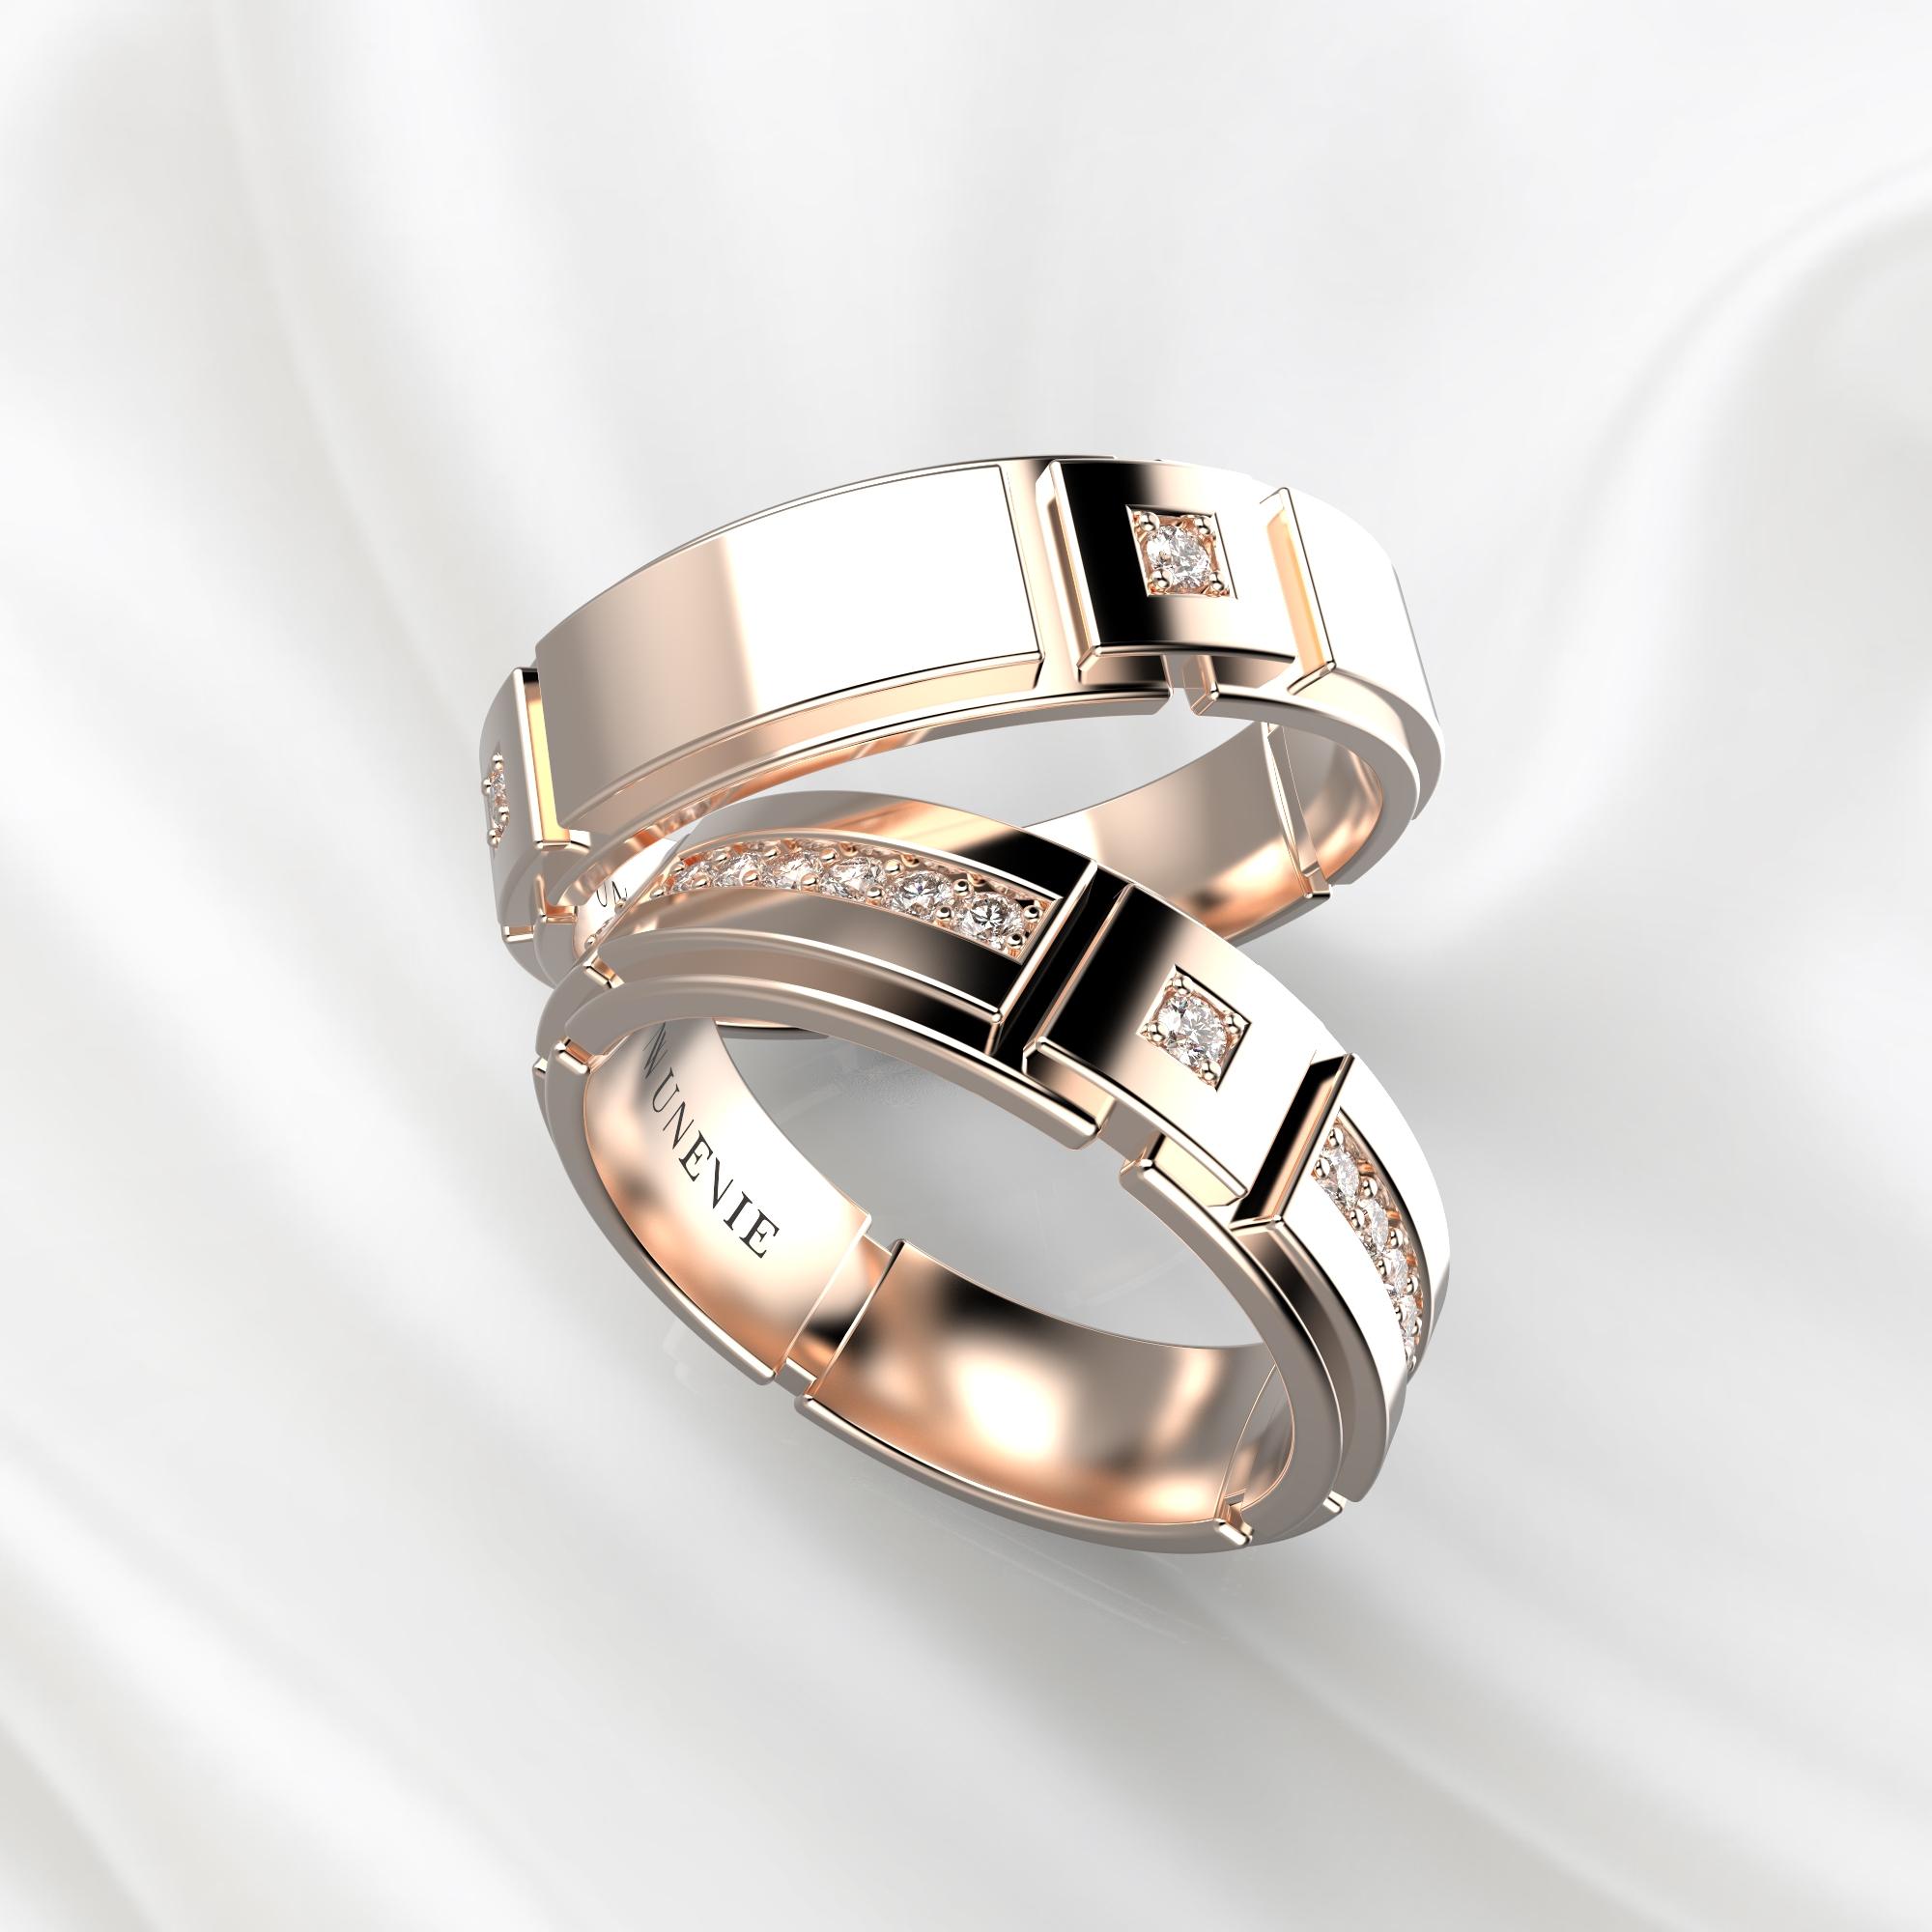 NV75 Парные обручальные кольца из розового золота с бриллиантами